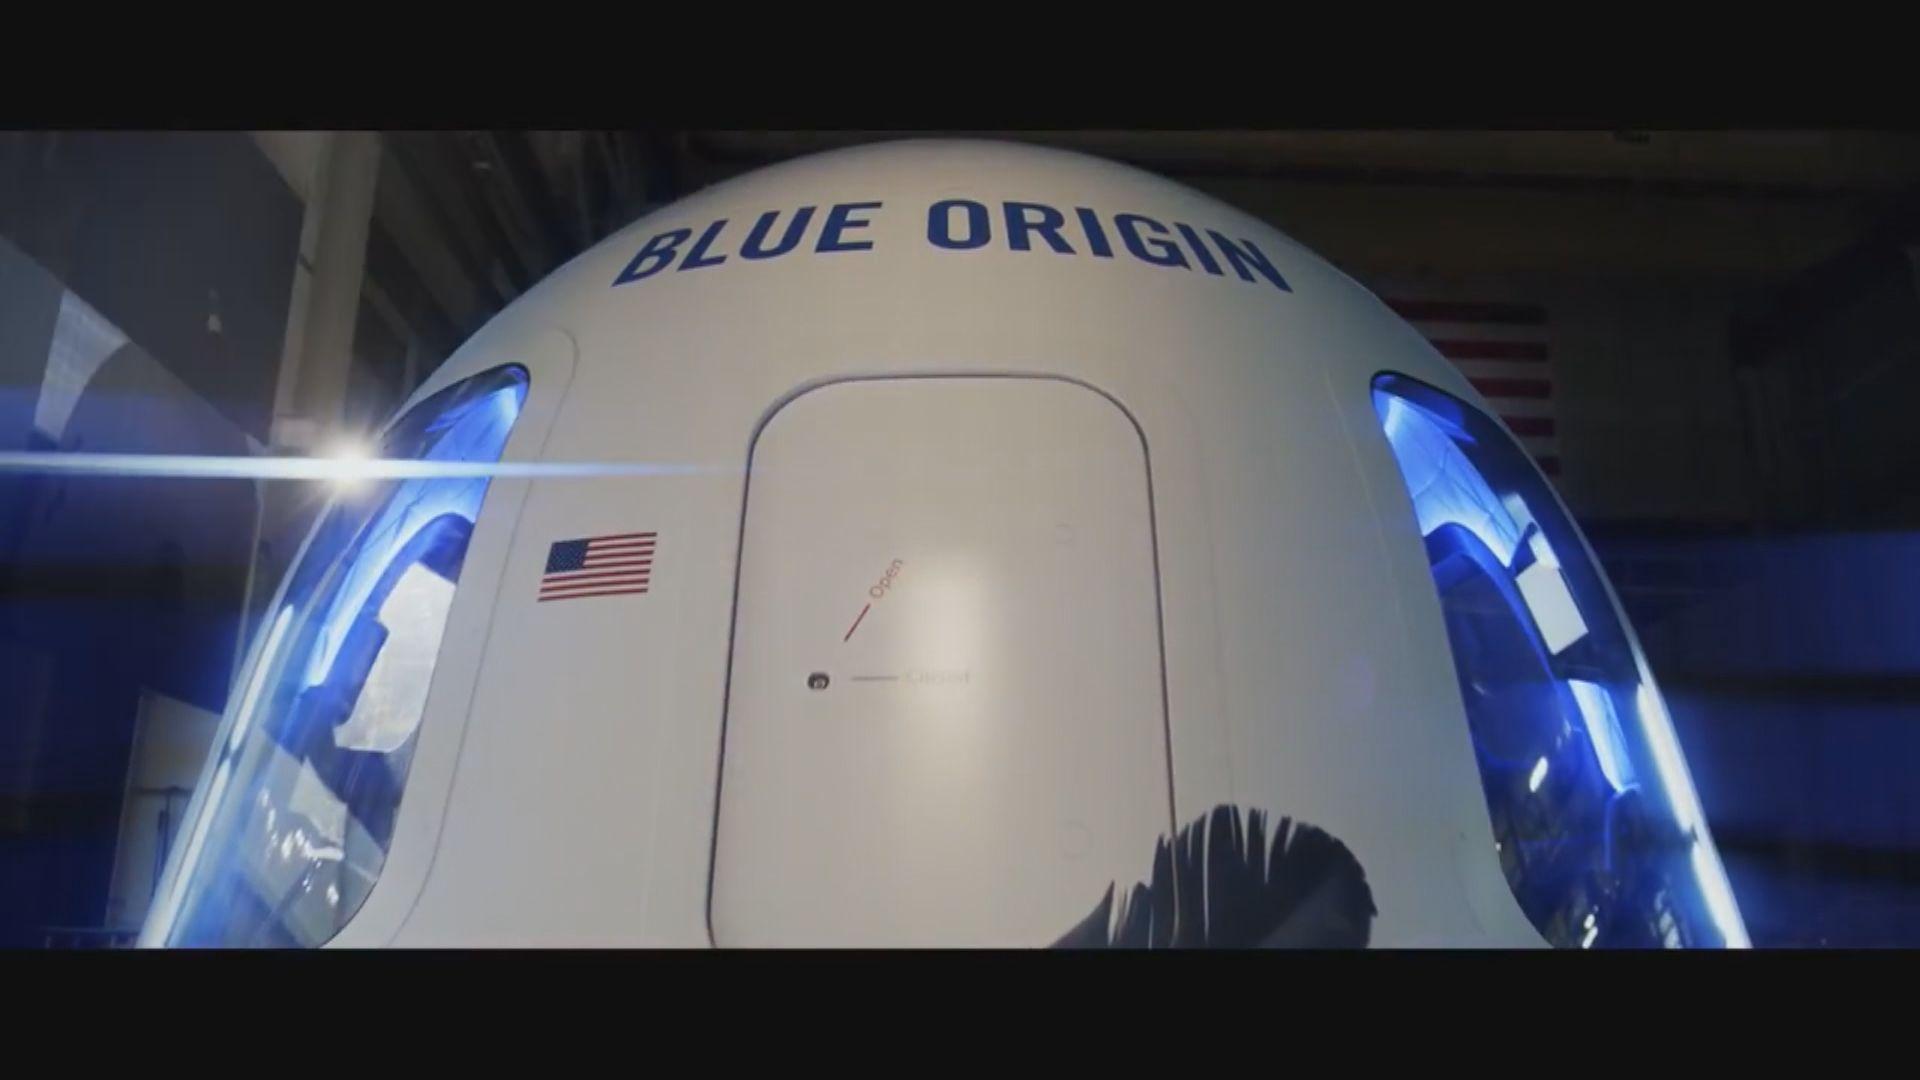 太空公司「藍色起源」7月發射以觀光為目的火箭升空